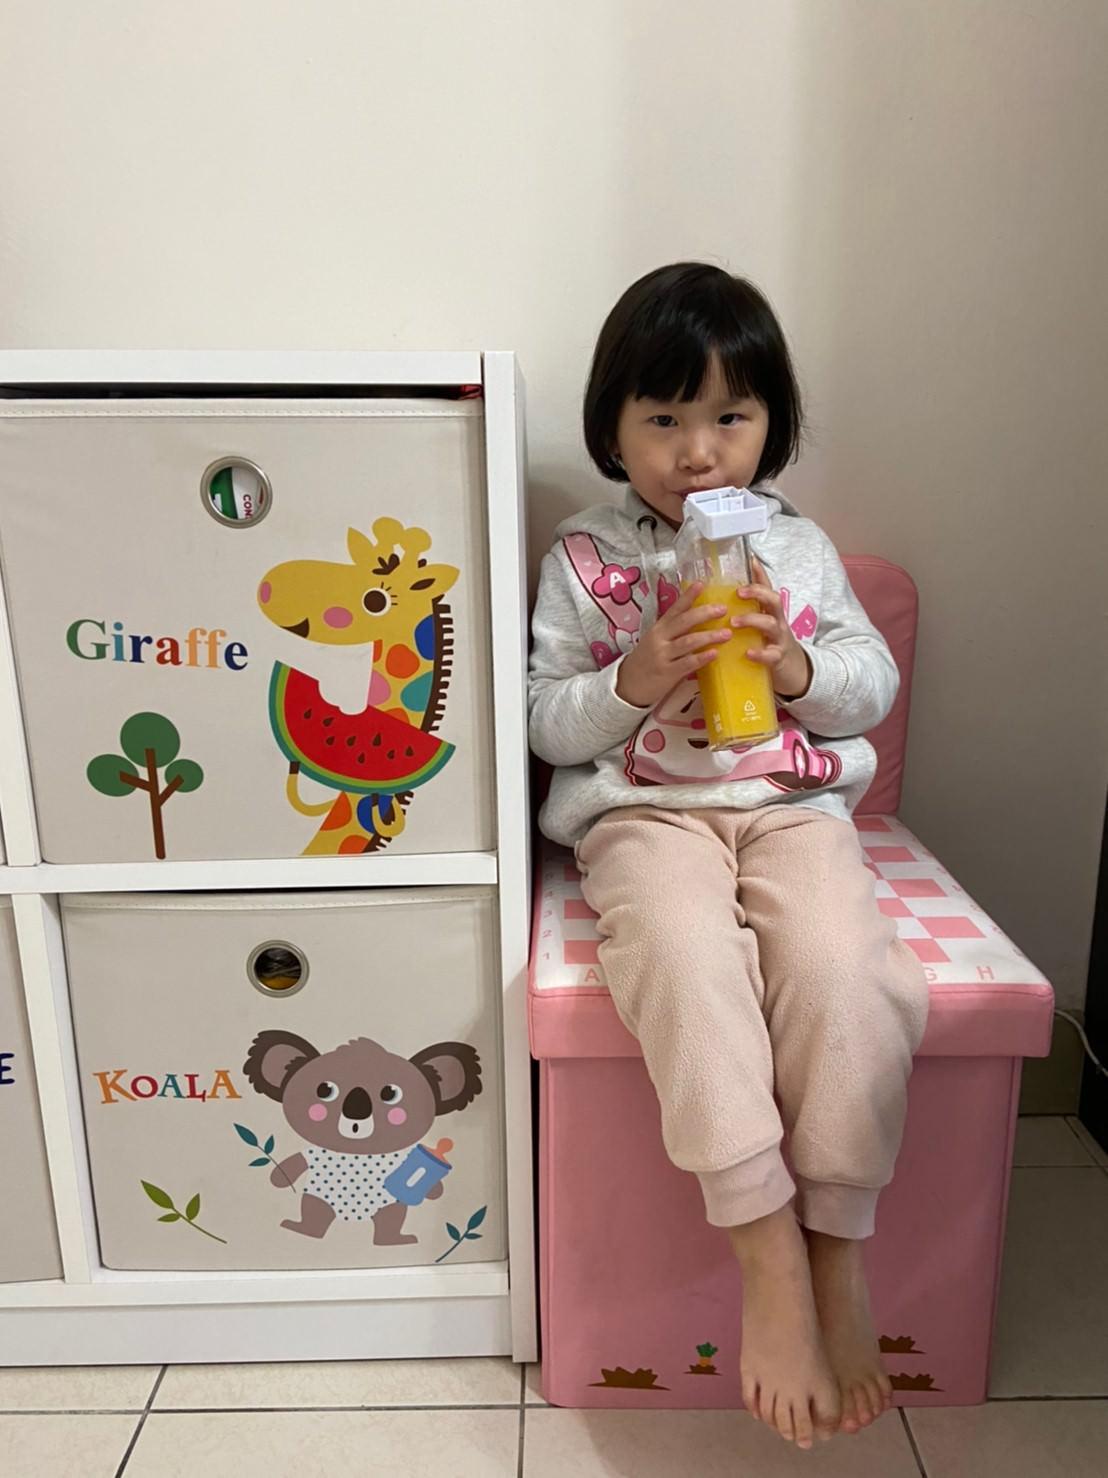 外出綜合團。DRINK IN THE BOX 方形水杯、SNACK IN THE BOX零食罐、韓國JUJU隨身小馬桶、韓國RICO抗菌濕紙巾